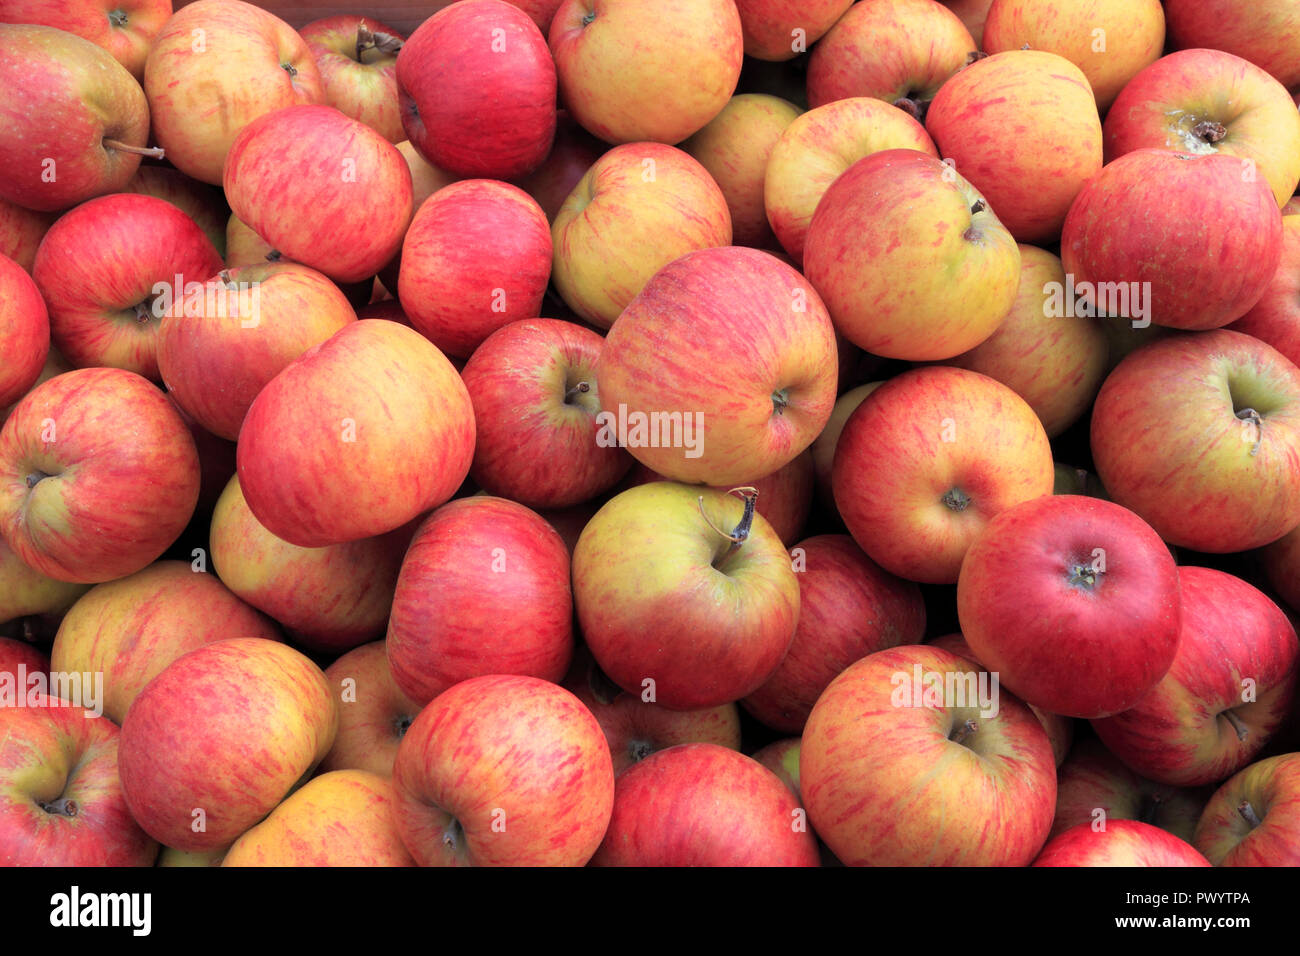 Apple 'perfección', manzanas, Malus domestica, Farm shop, pantalla, denominada variedad Imagen De Stock